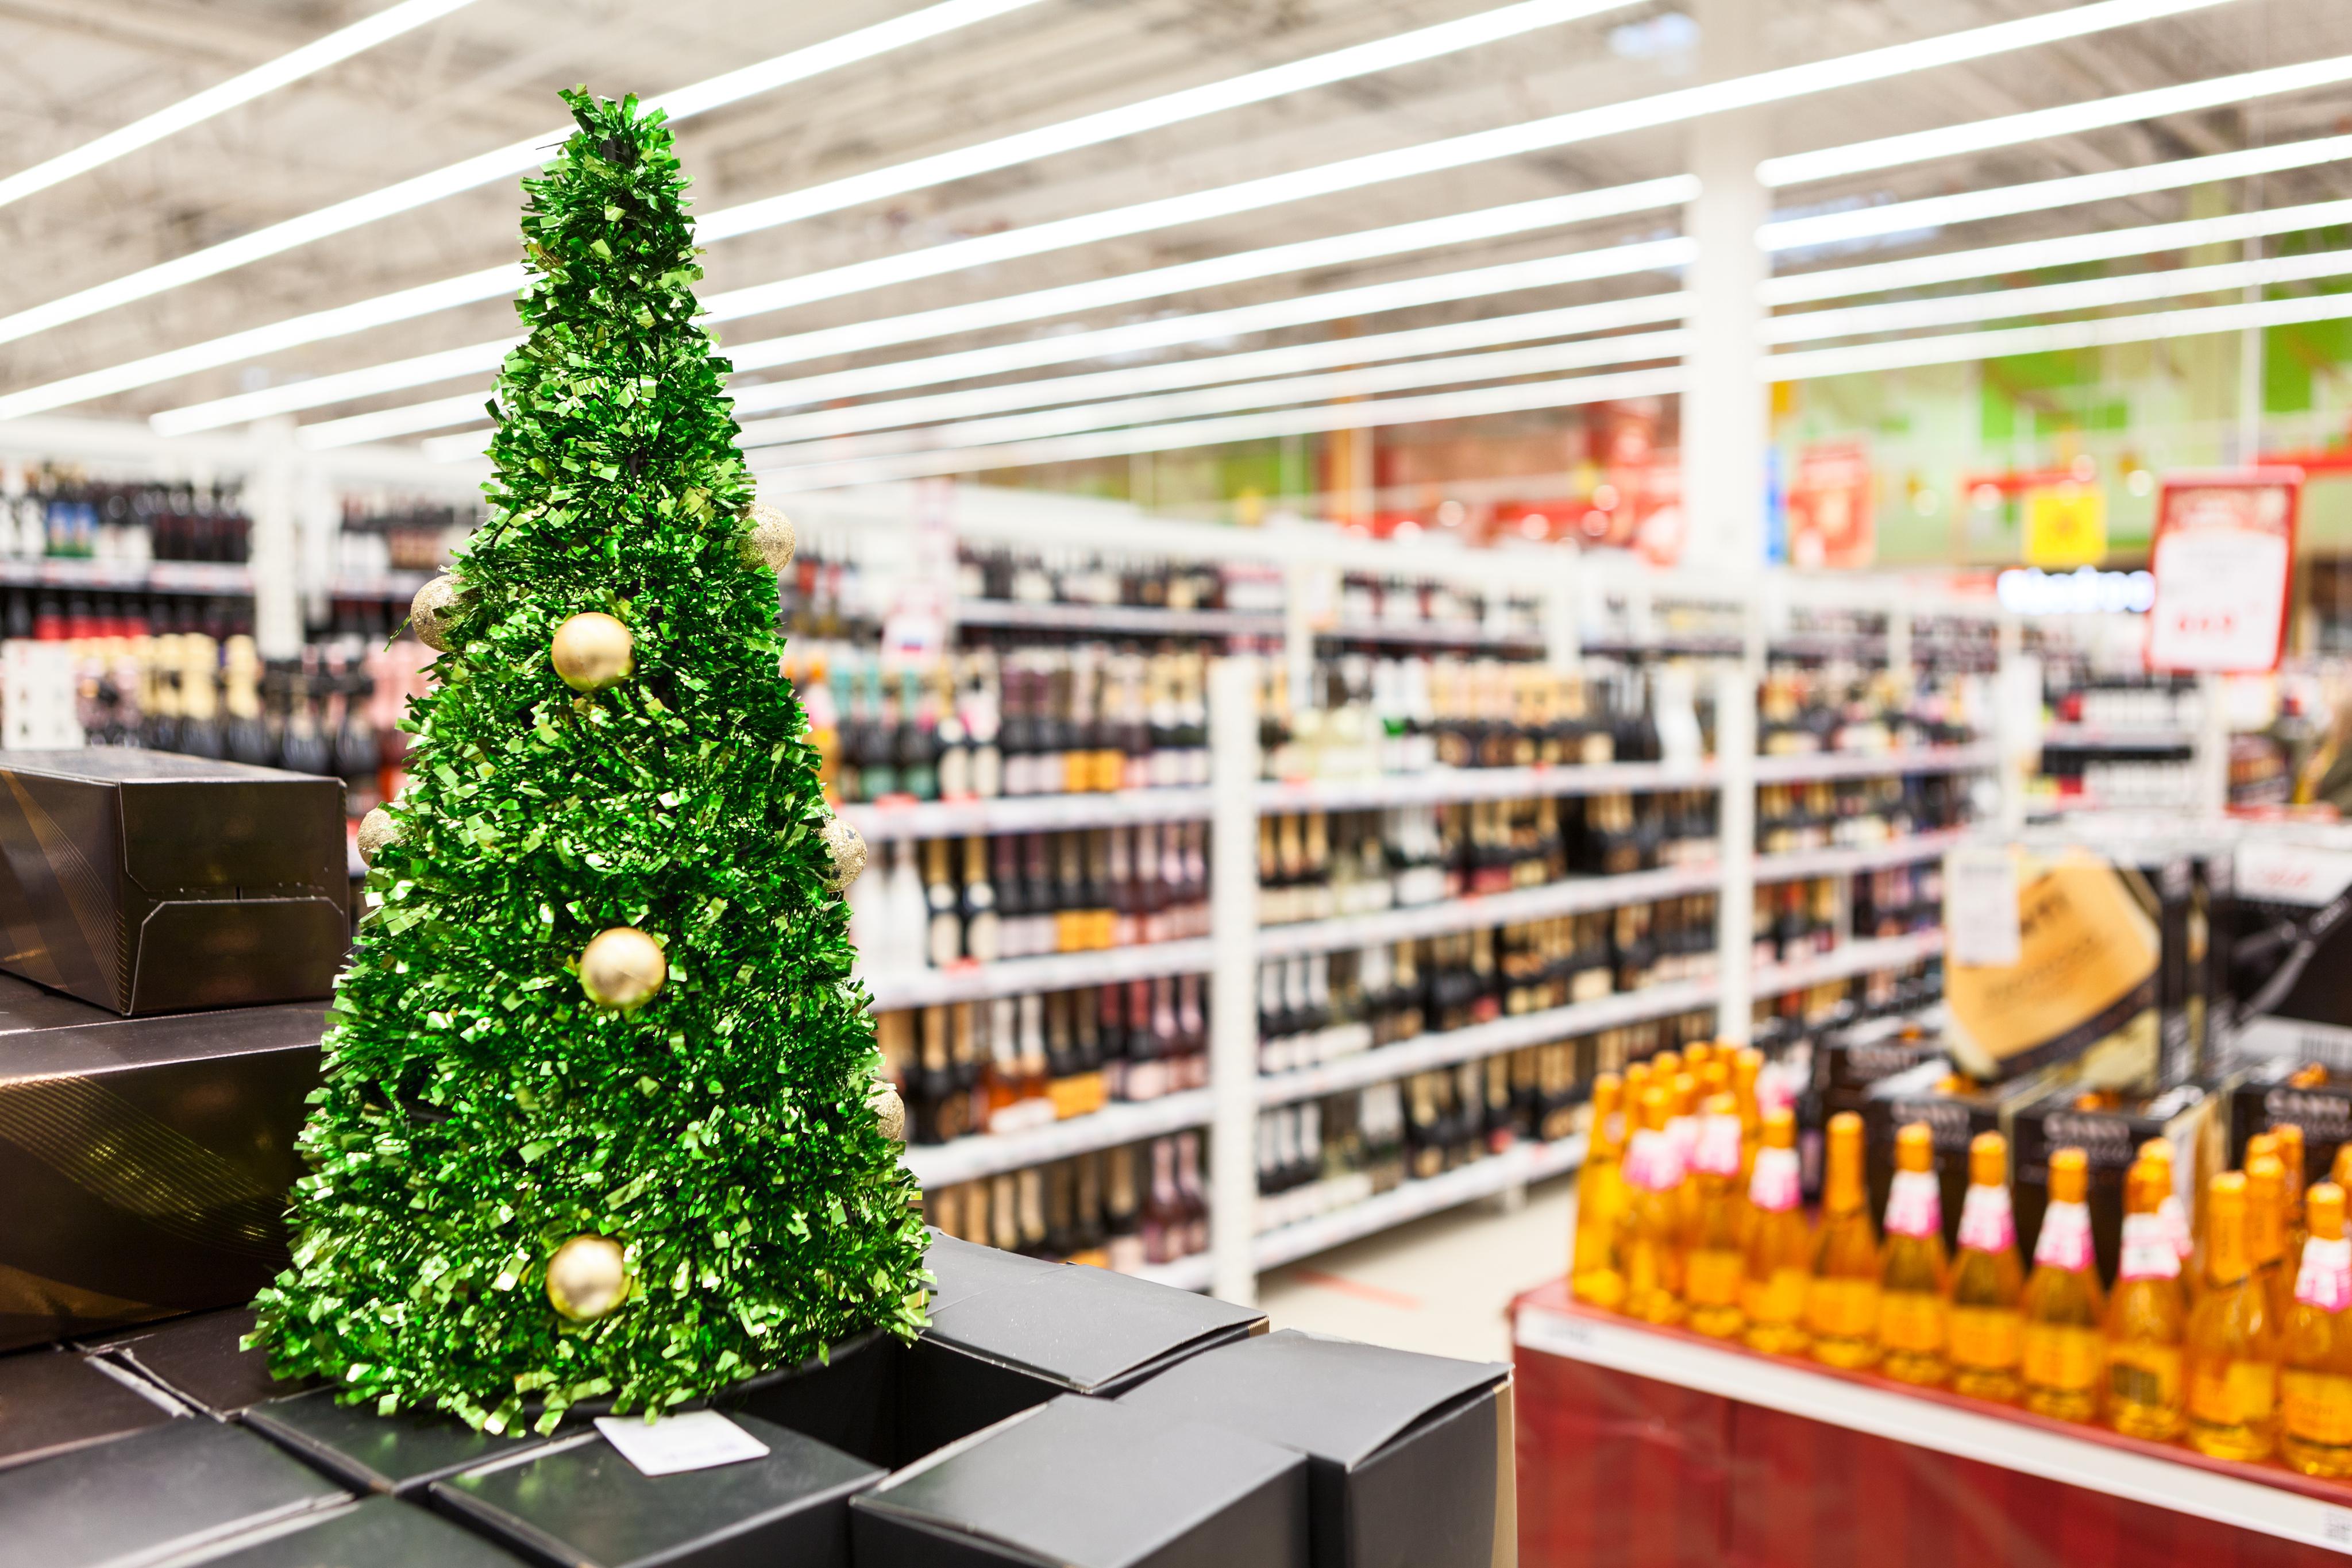 Рейтинг новогодних предложений. Какие продукты можно выгодно купить к празднику в Пятёрочке, Магните и Дикси